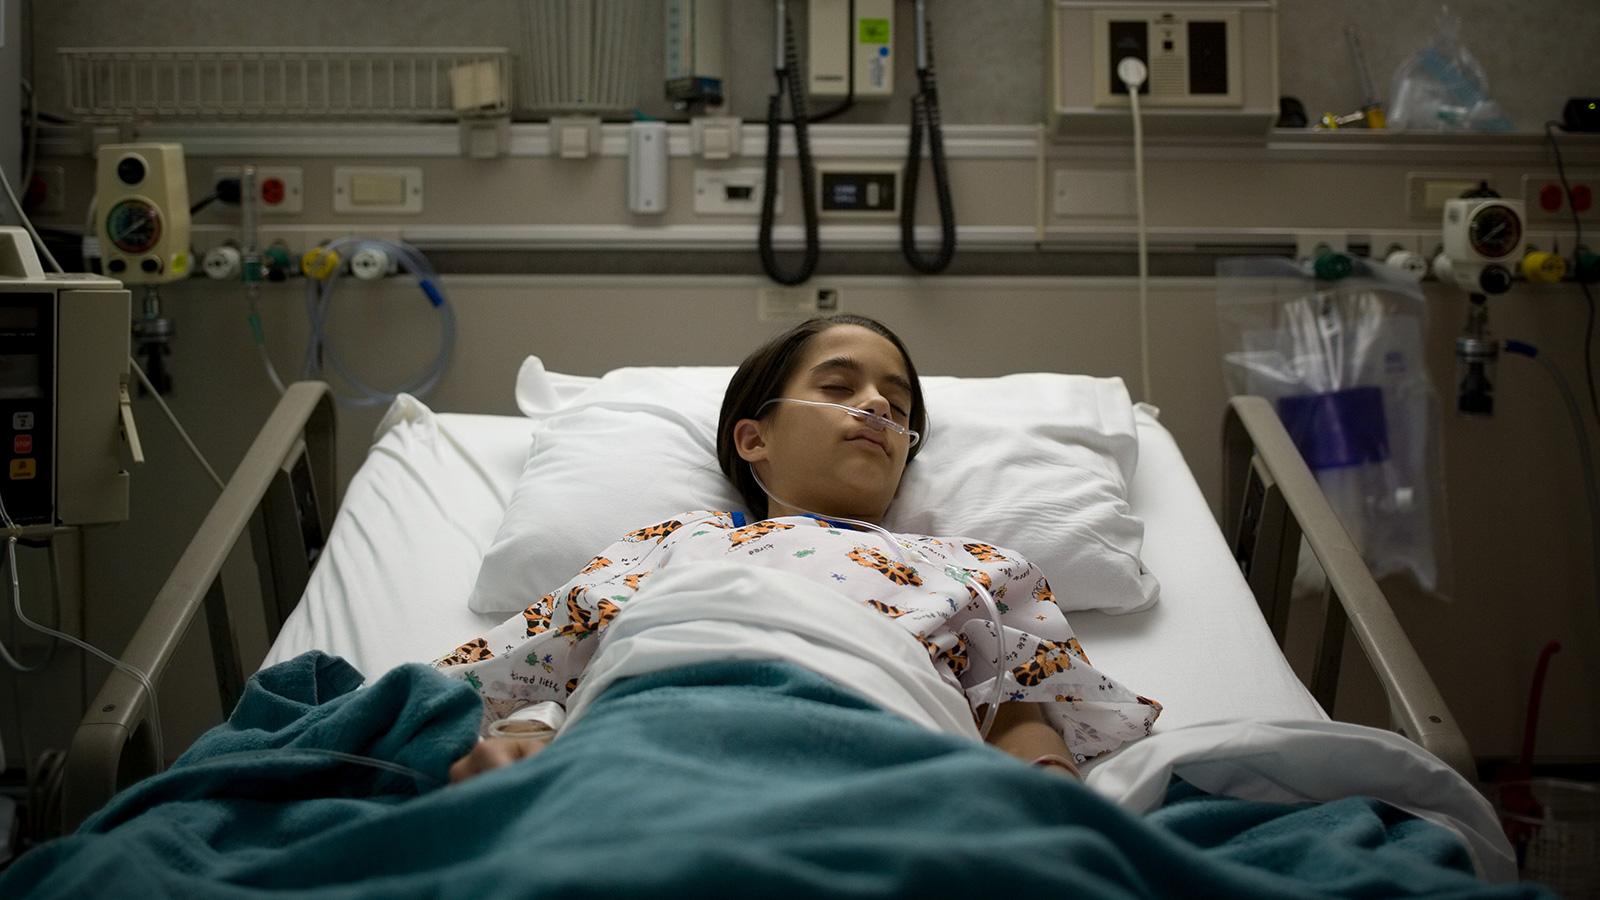 بين الحياة والموت ما الذي يشعر به المرء عندما يكون في غيبوبة